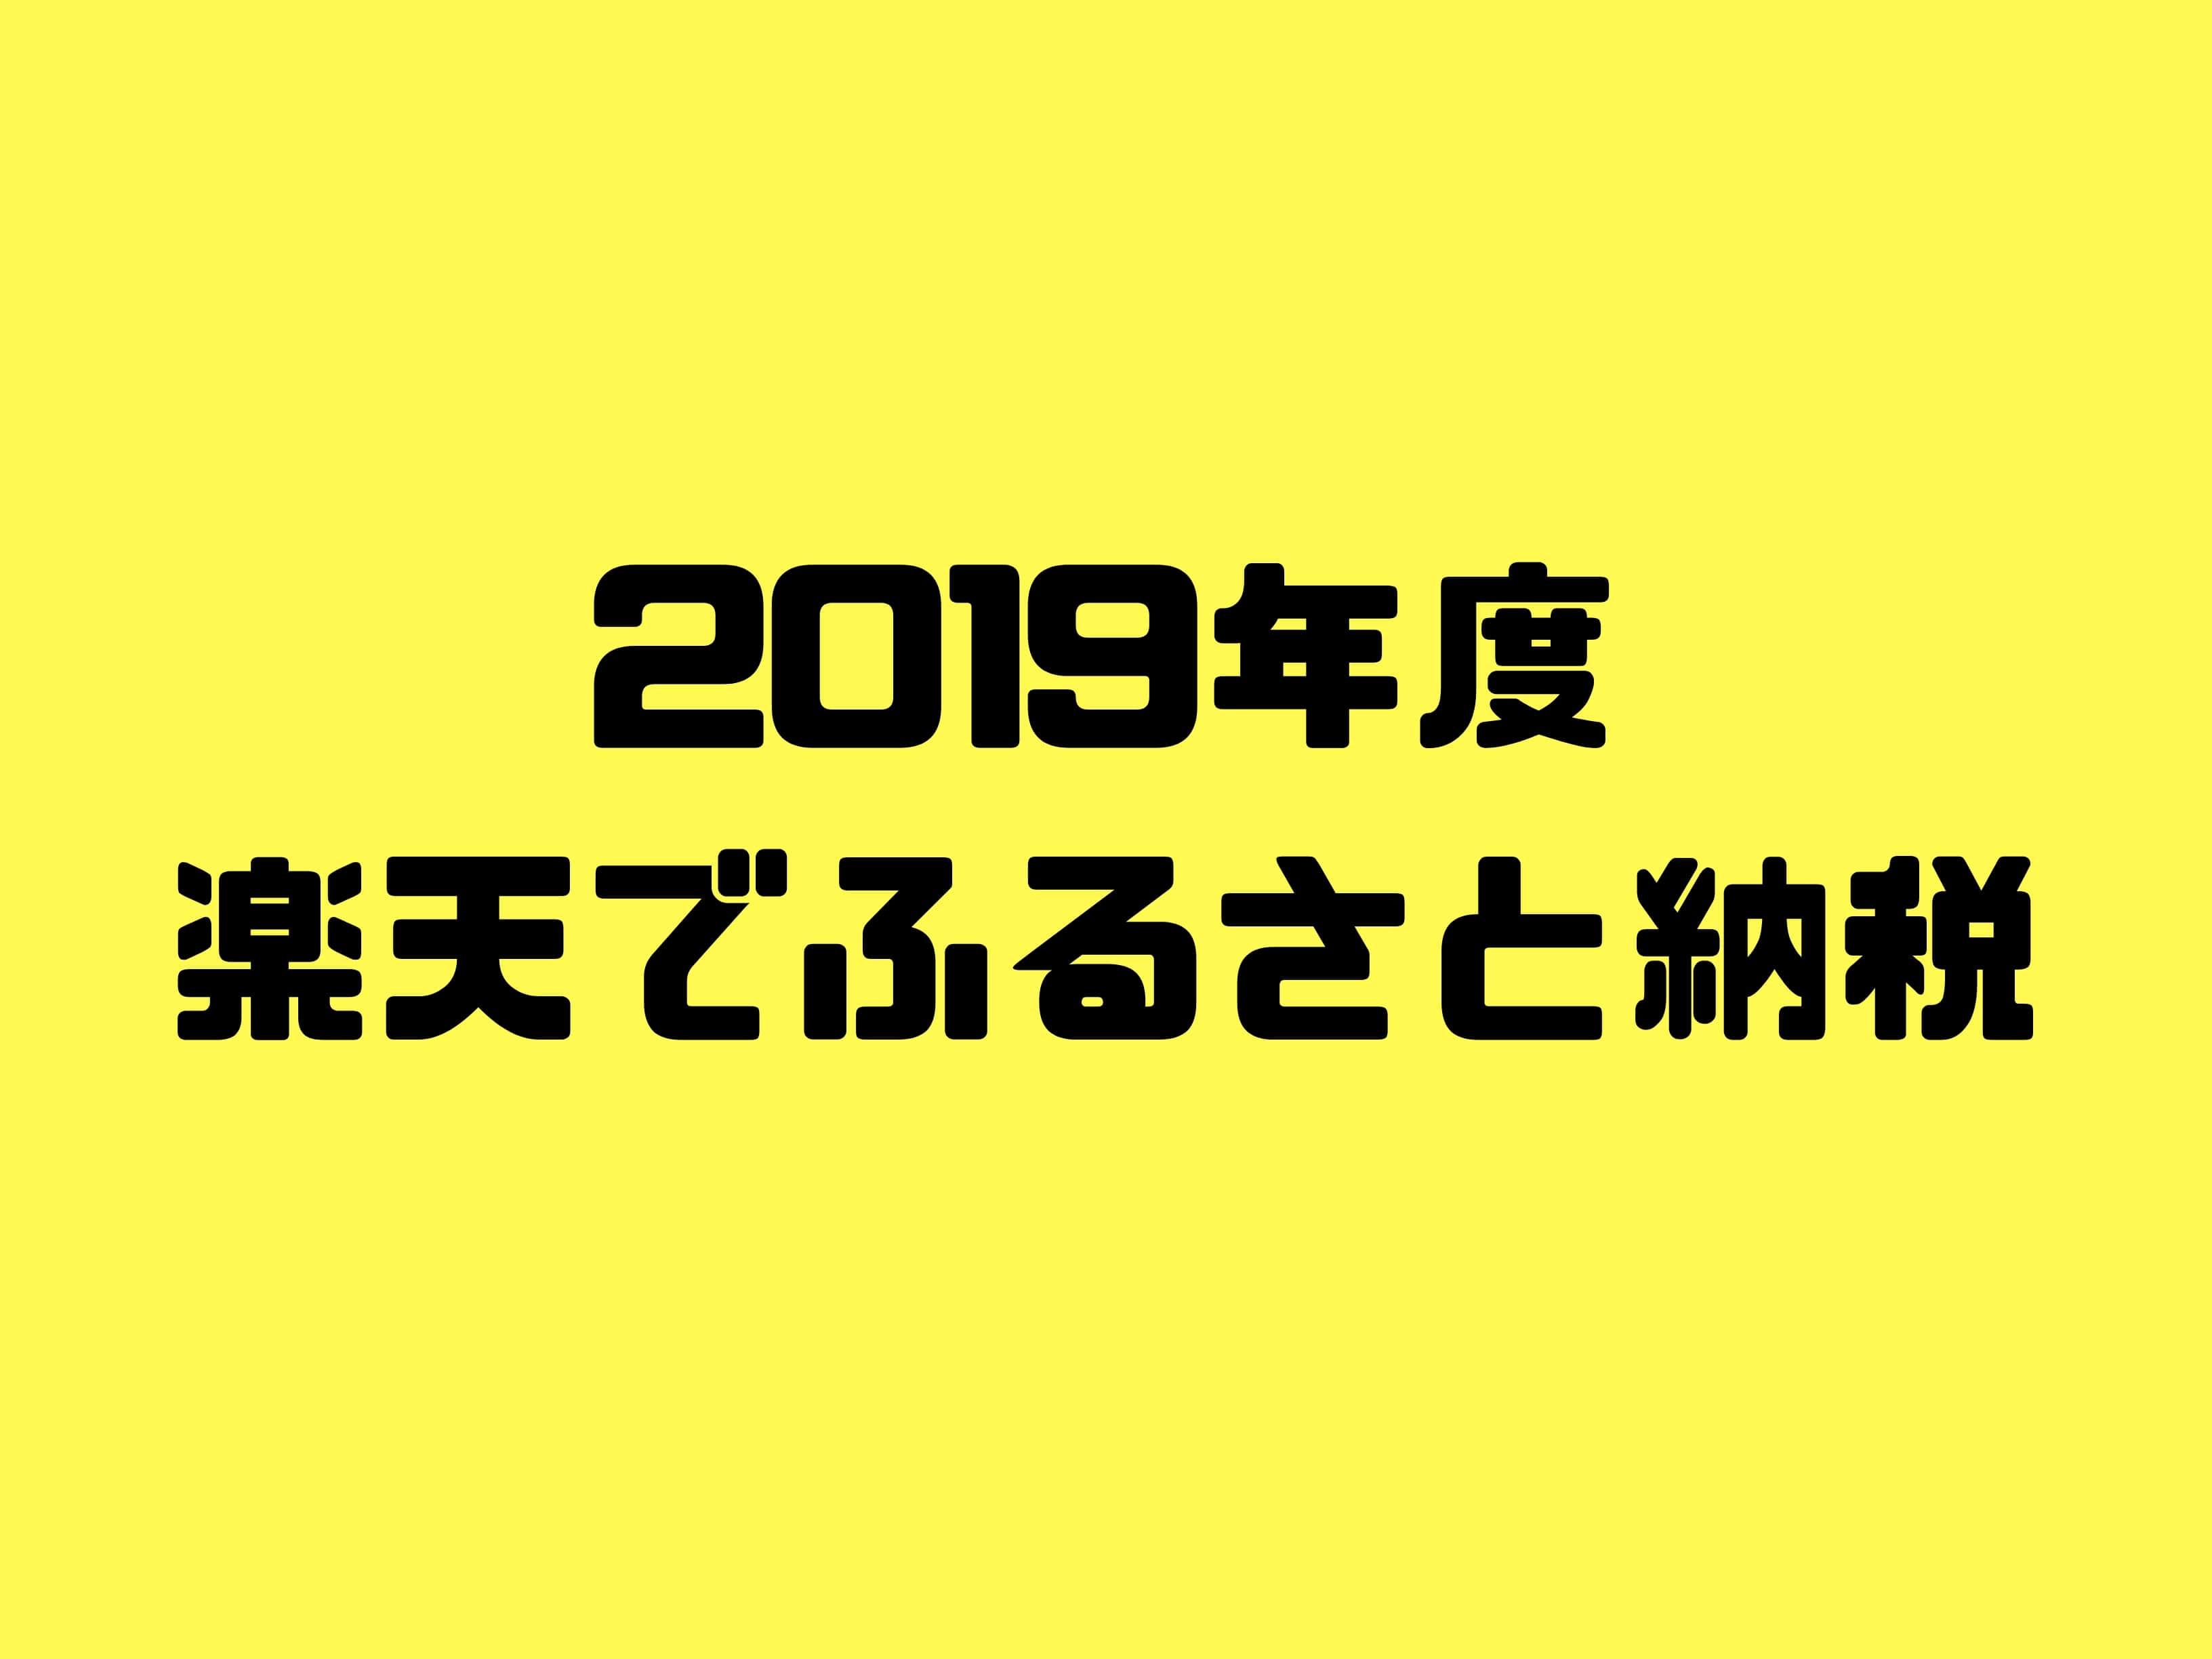 2019年度楽天でふるさと納税